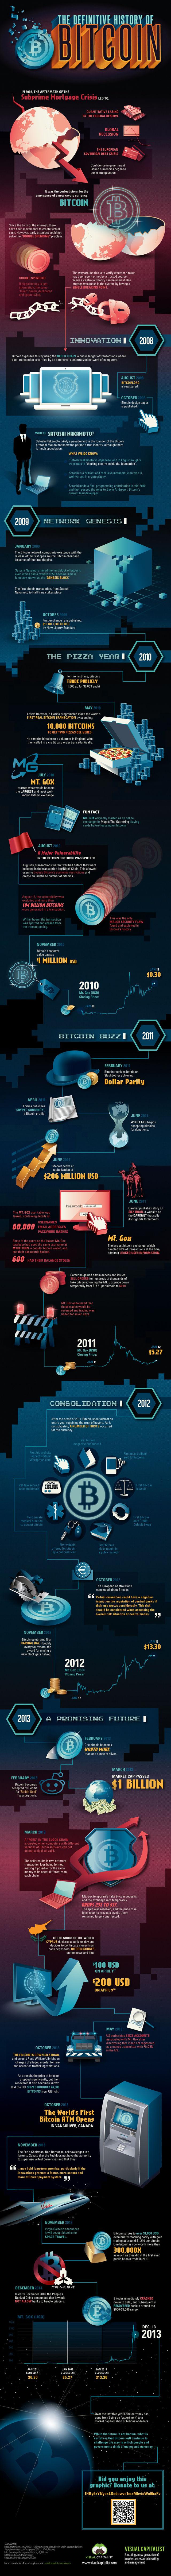 Bitcoin saga